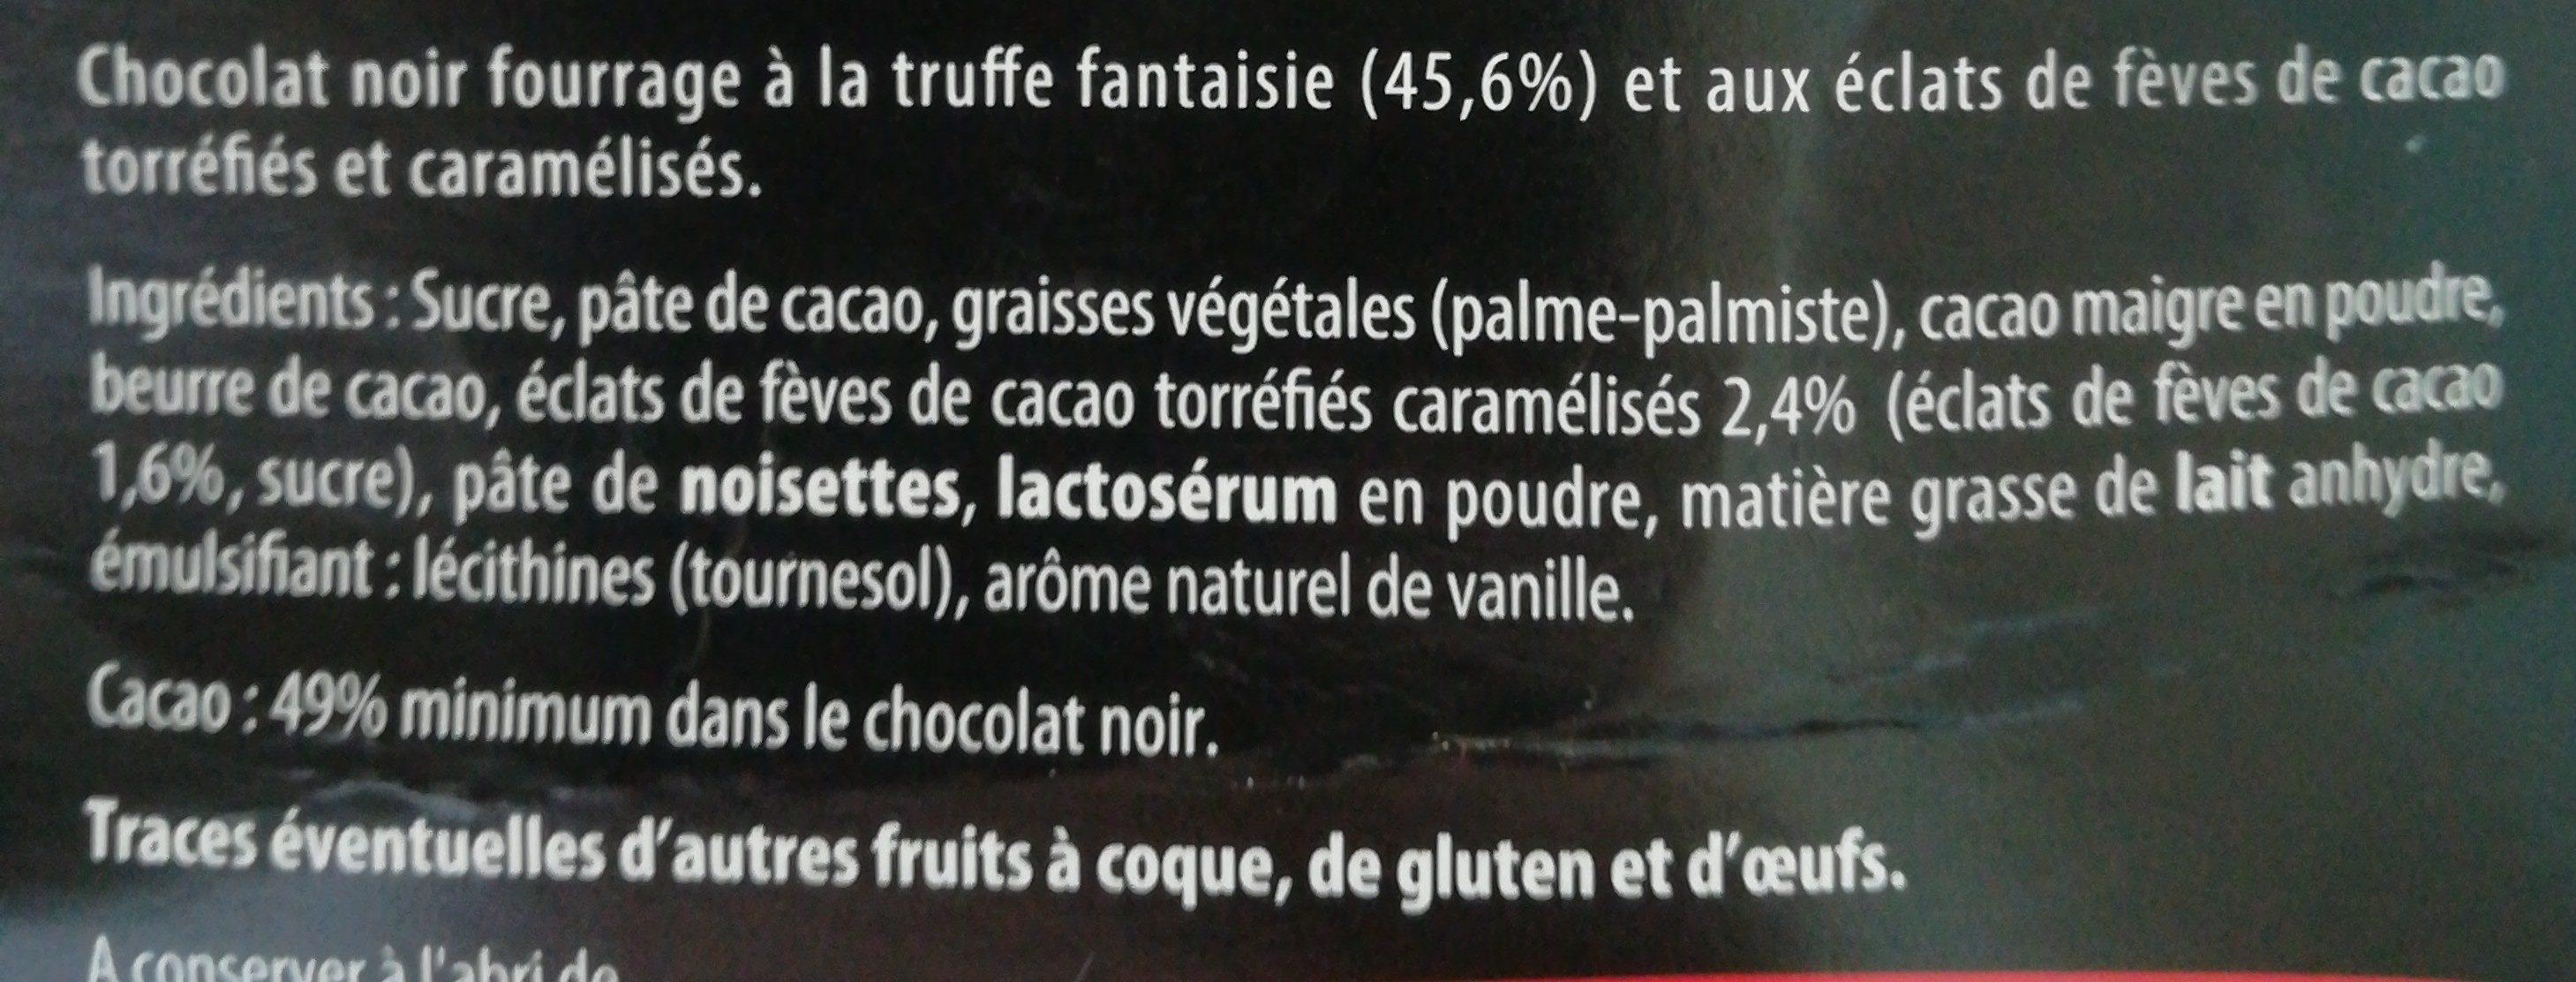 Scholetta chocolat praliné lait - Ingredients - fr